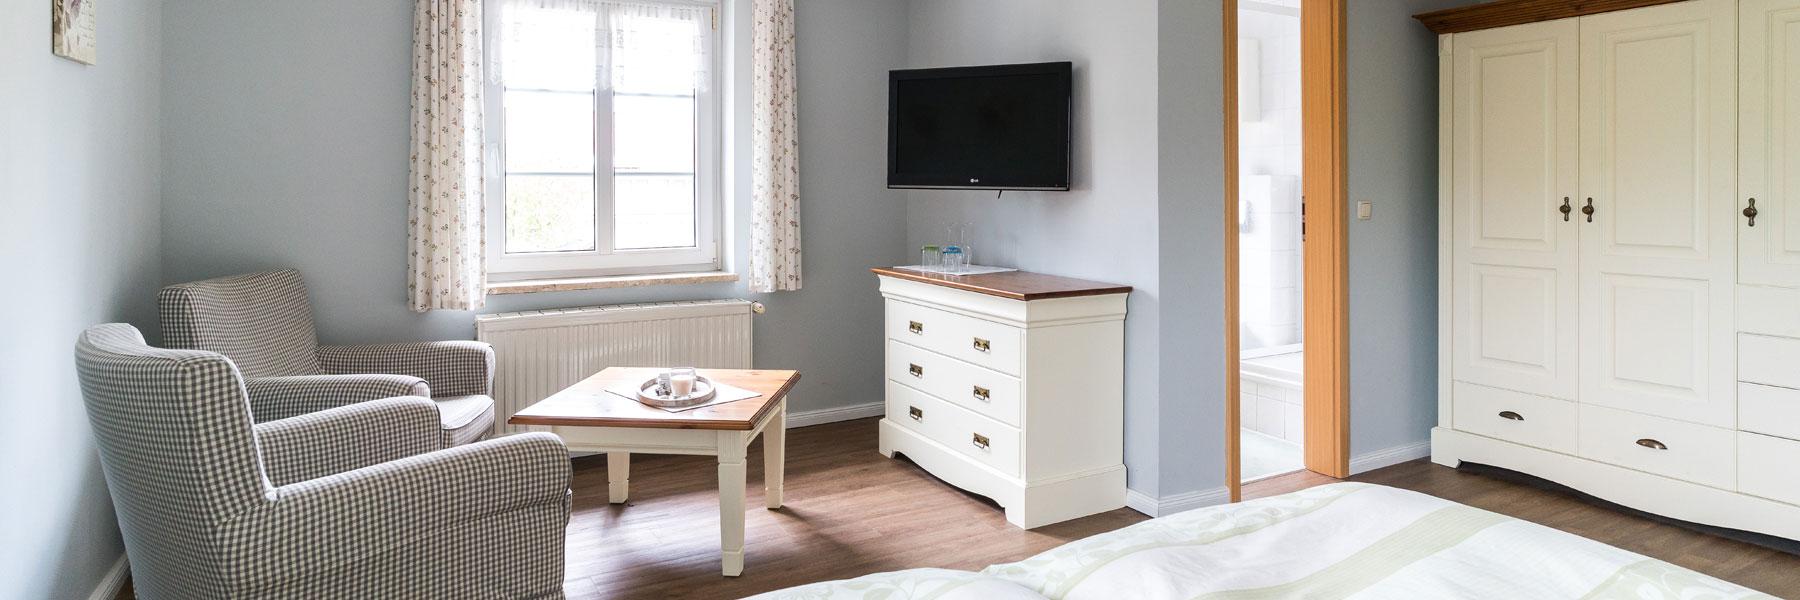 Wohnraum mit Doppelbett und Sitzecke - Gästehaus Bade